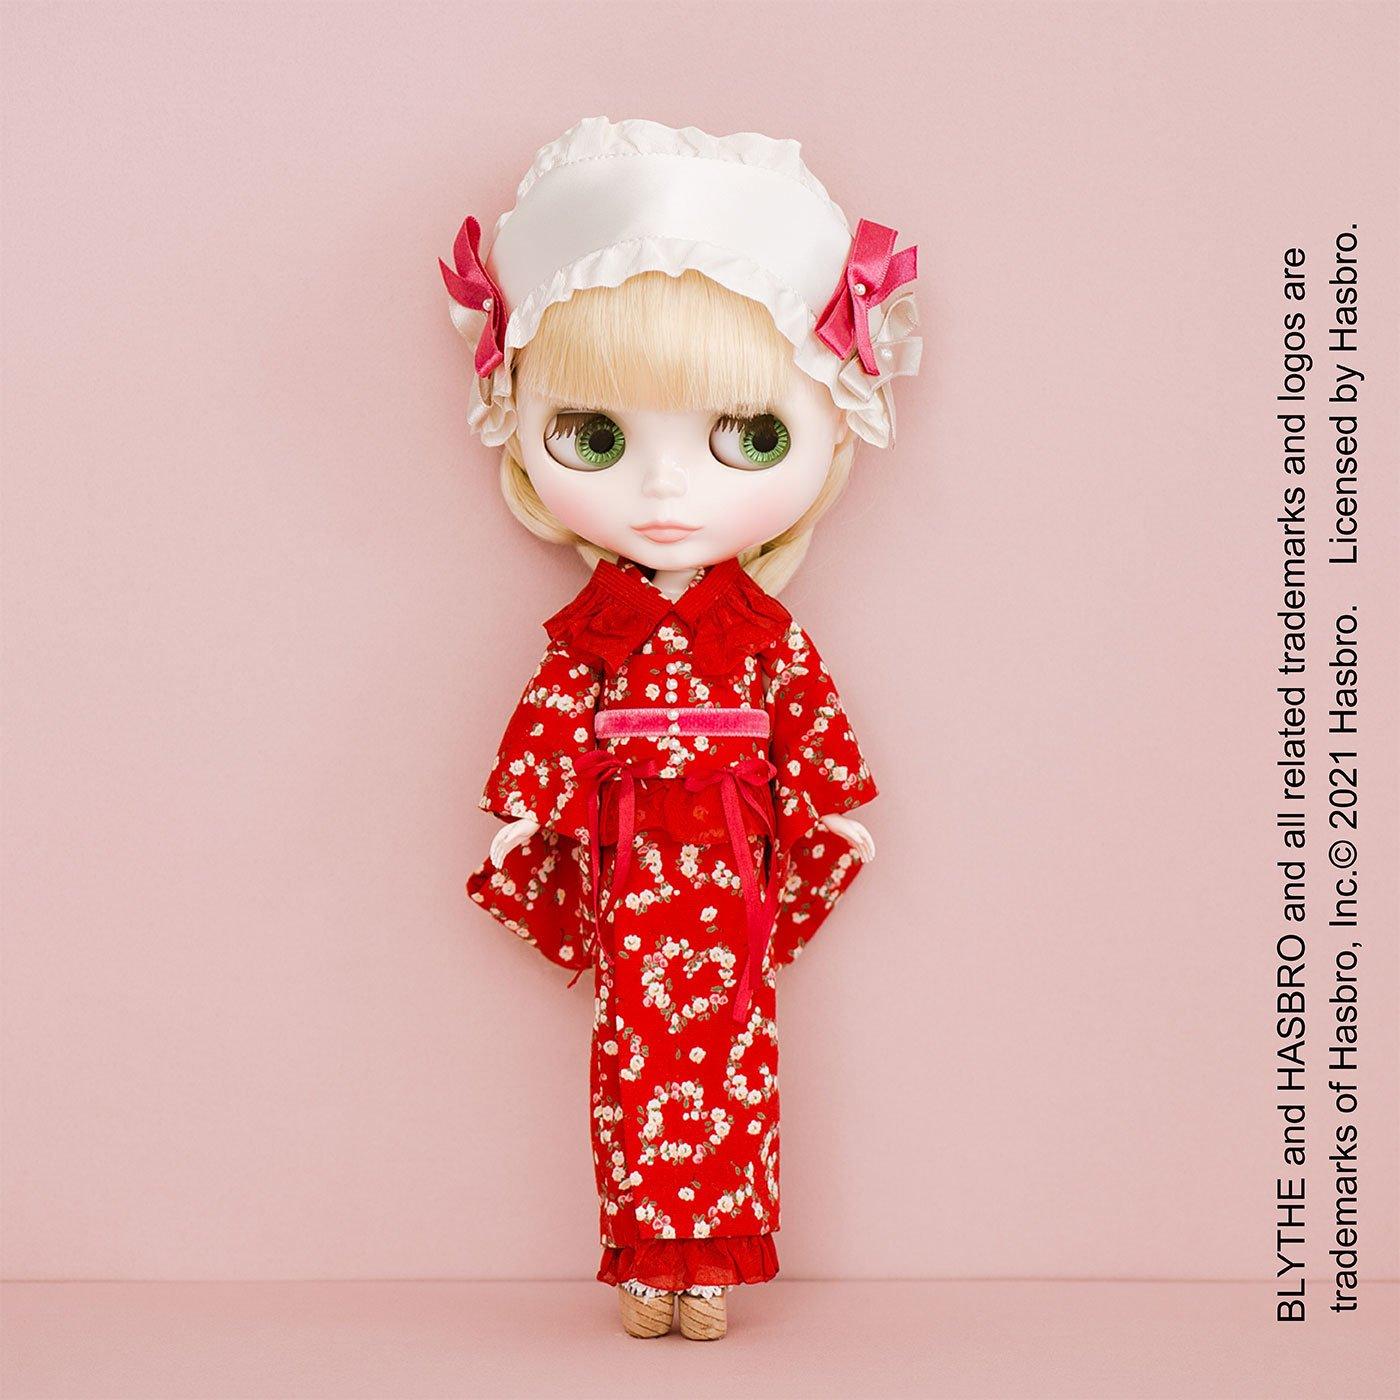 真っ赤なフリルがロマンティック chimachocoさんのドール用着物のキット